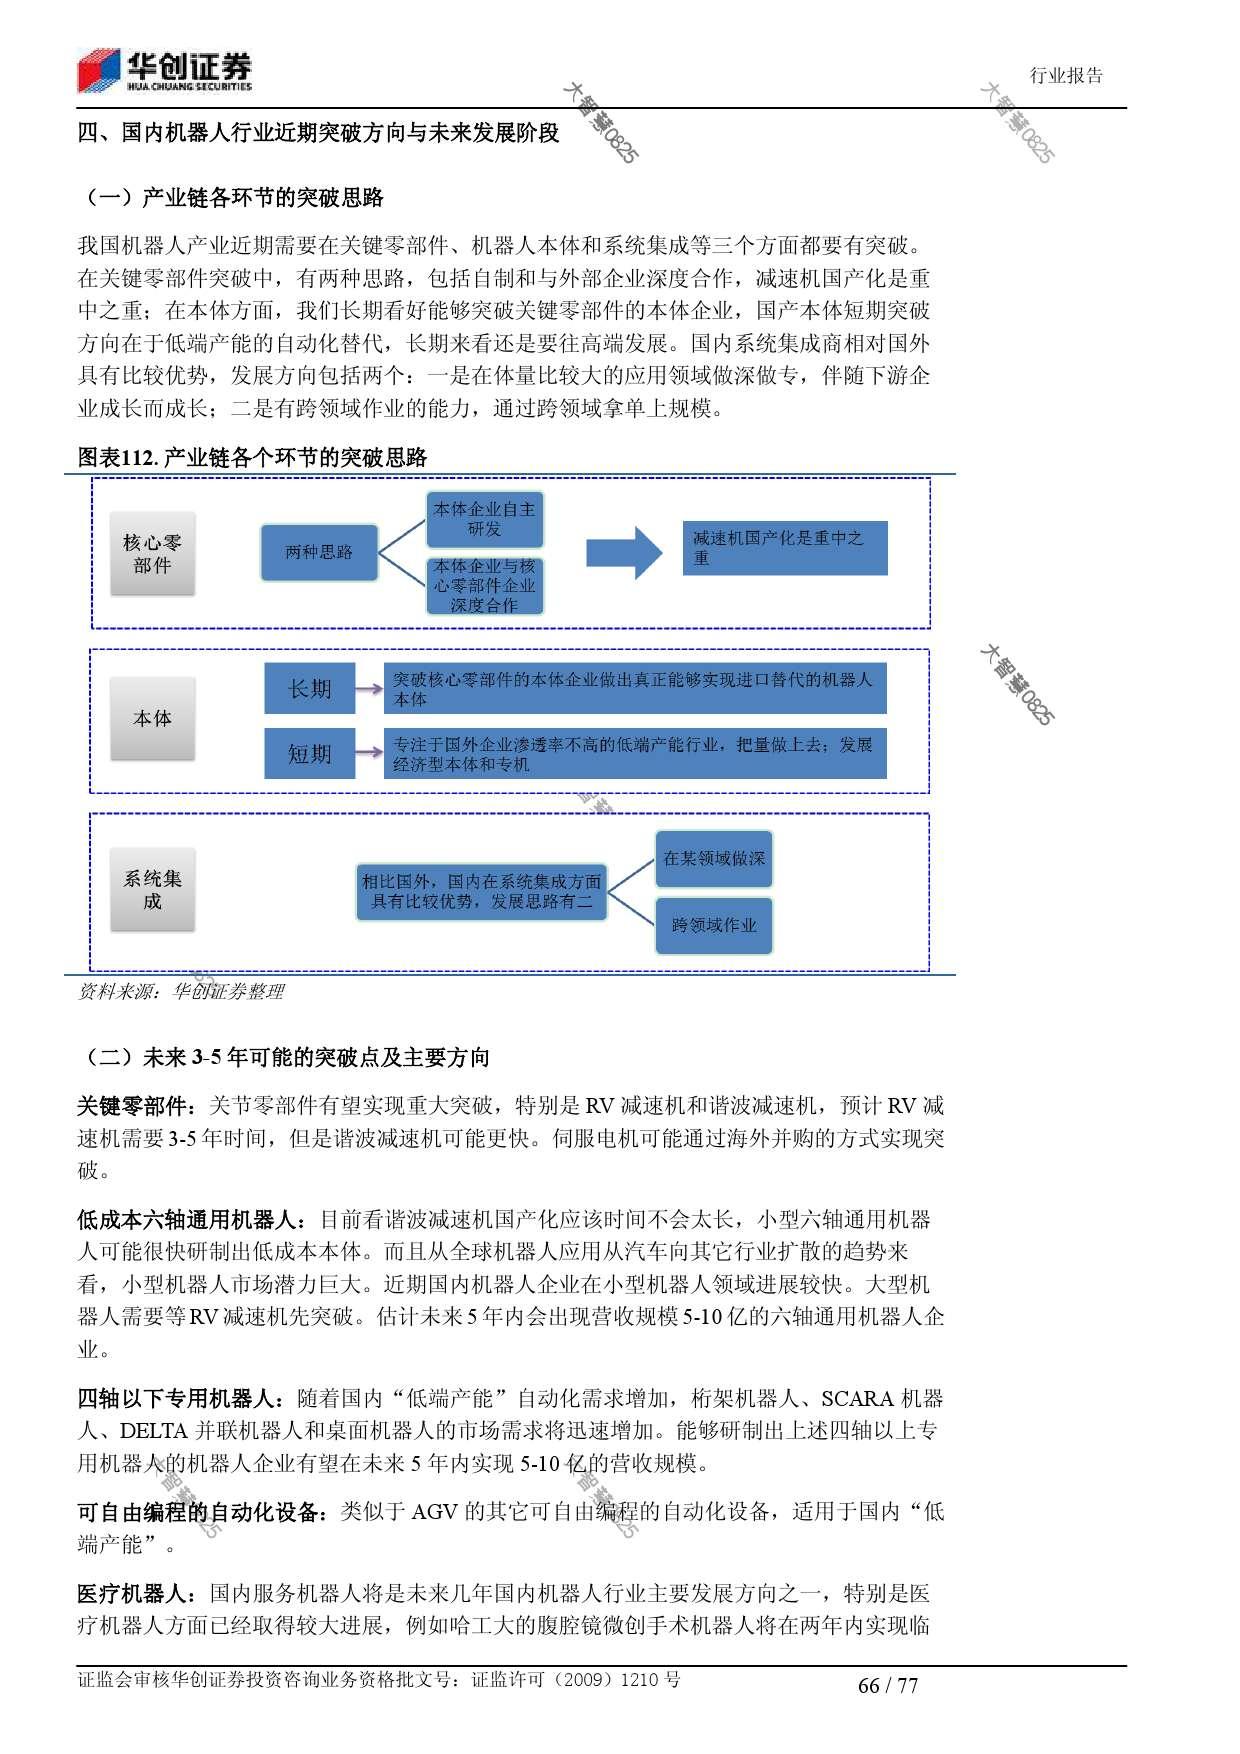 行业研究_华创证券_刘国清,鲁佩_机械设备:机器人大趋势_2014021_000066